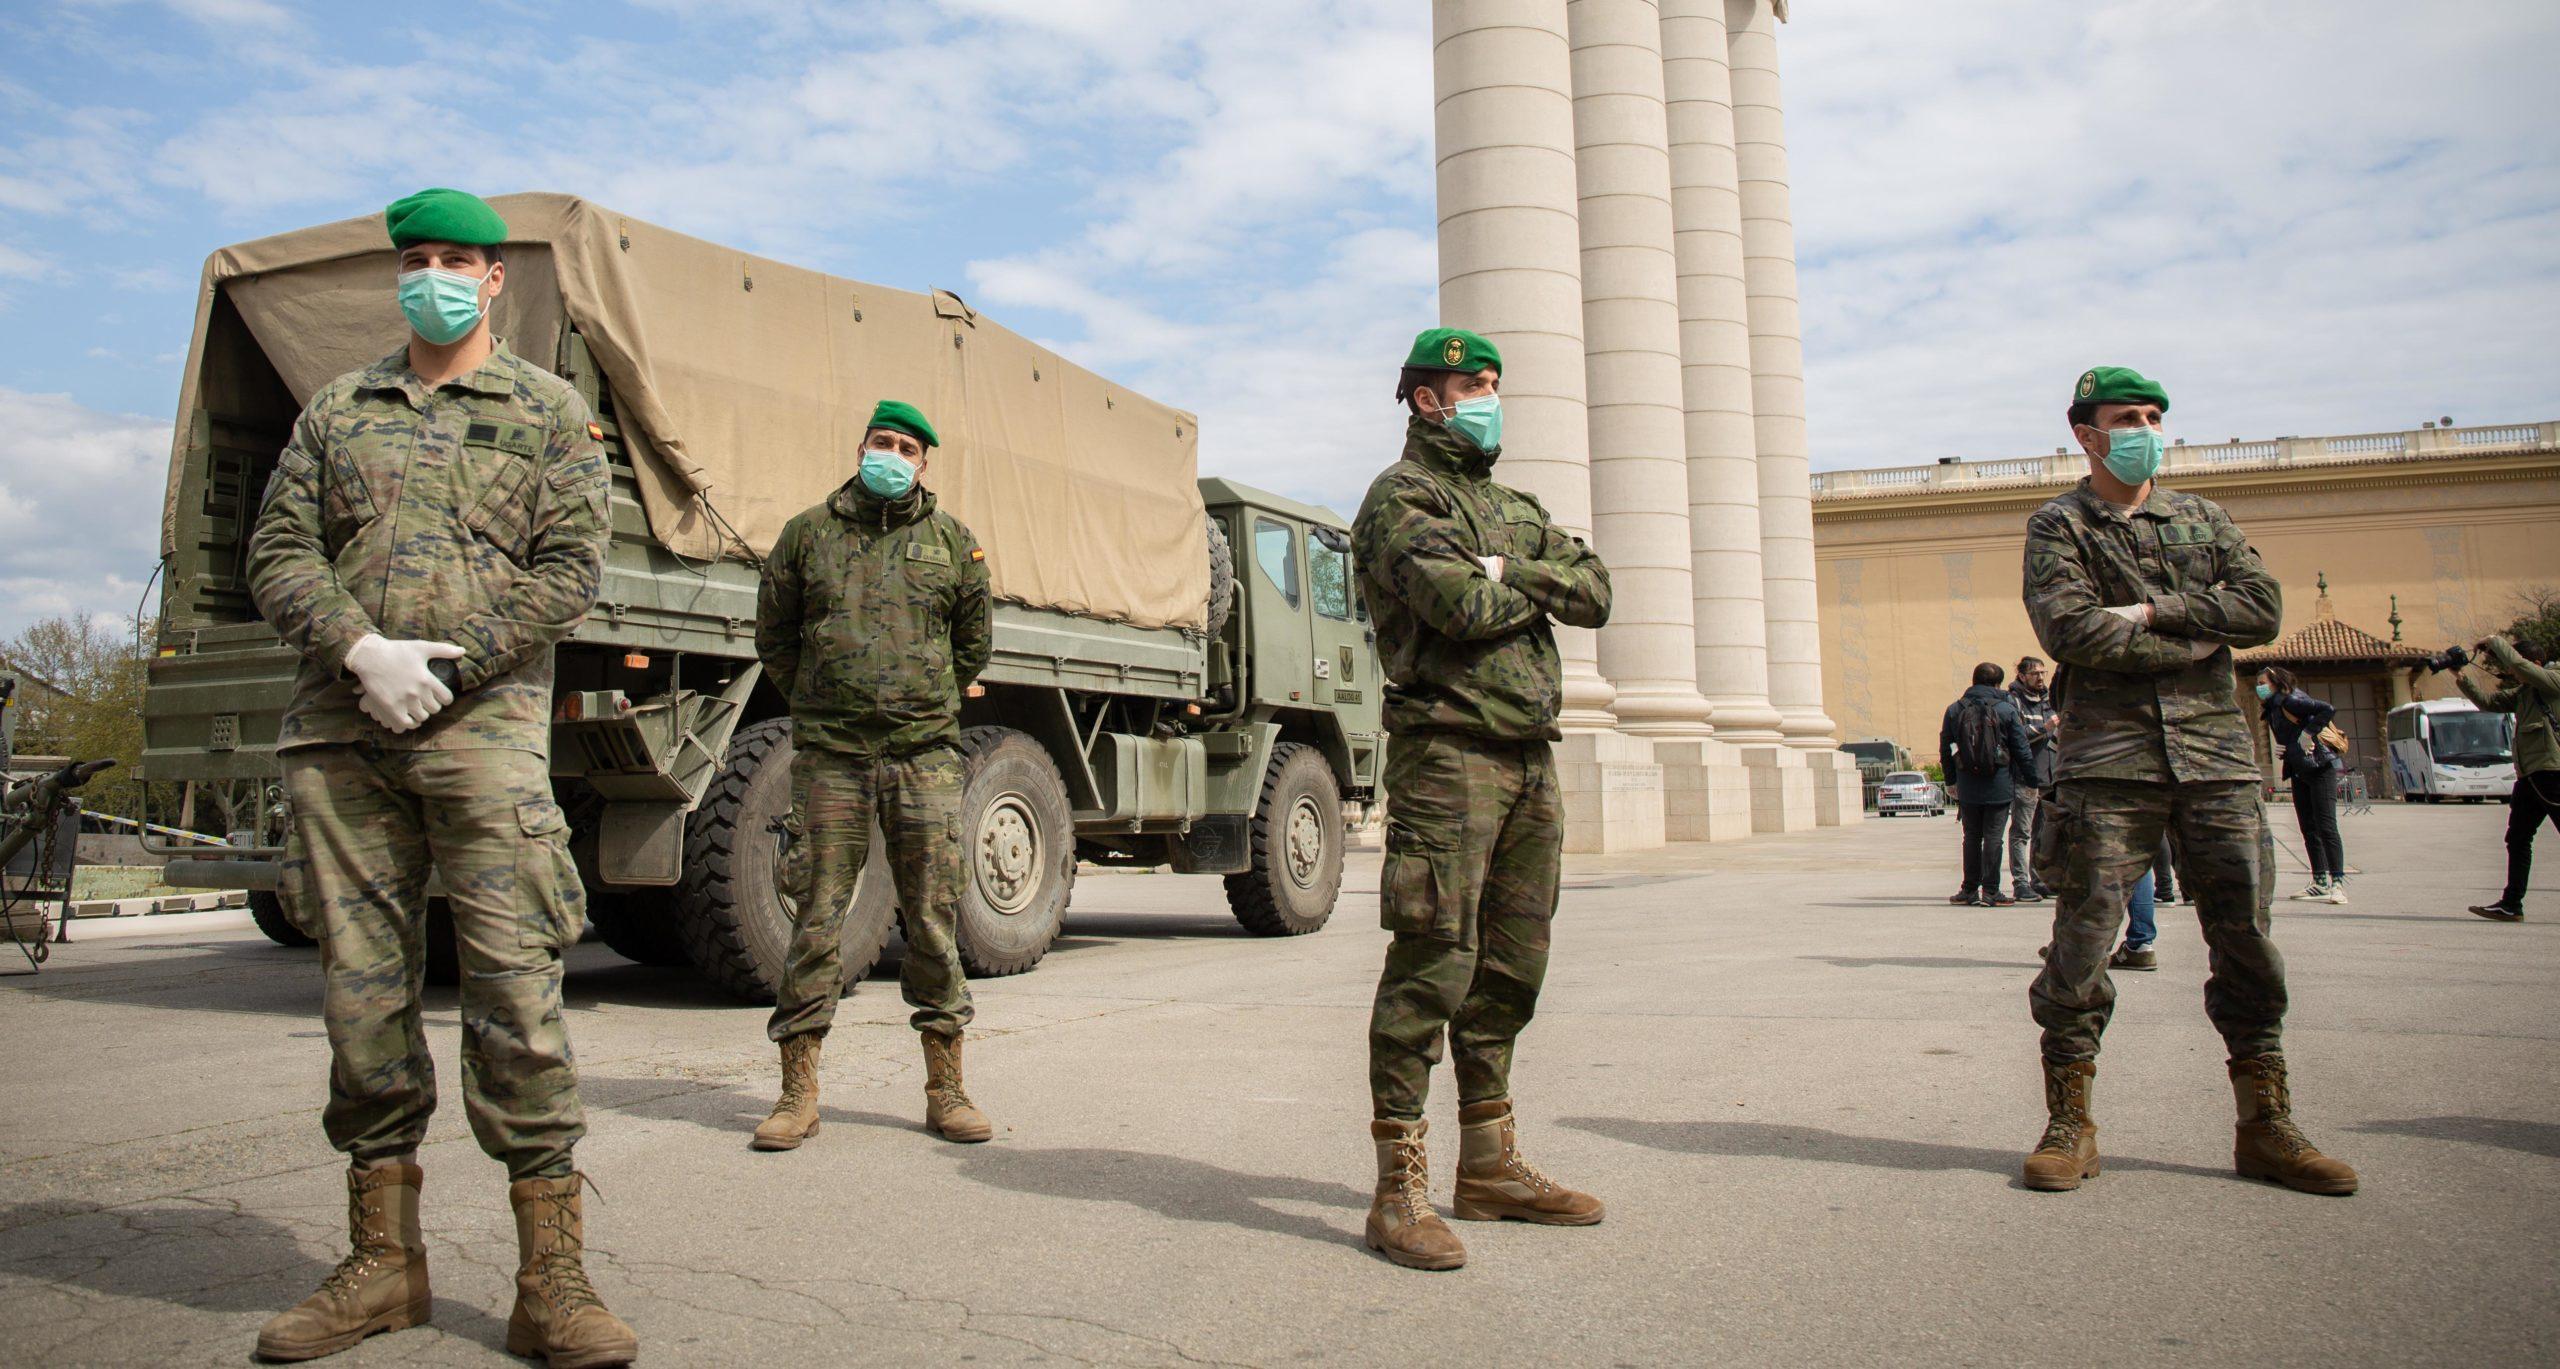 Militars de l'exèrcit espanyol al voltant del pavelló de la Fira que han preparat per a sensesostre / Europa Press (David Zorrakino)